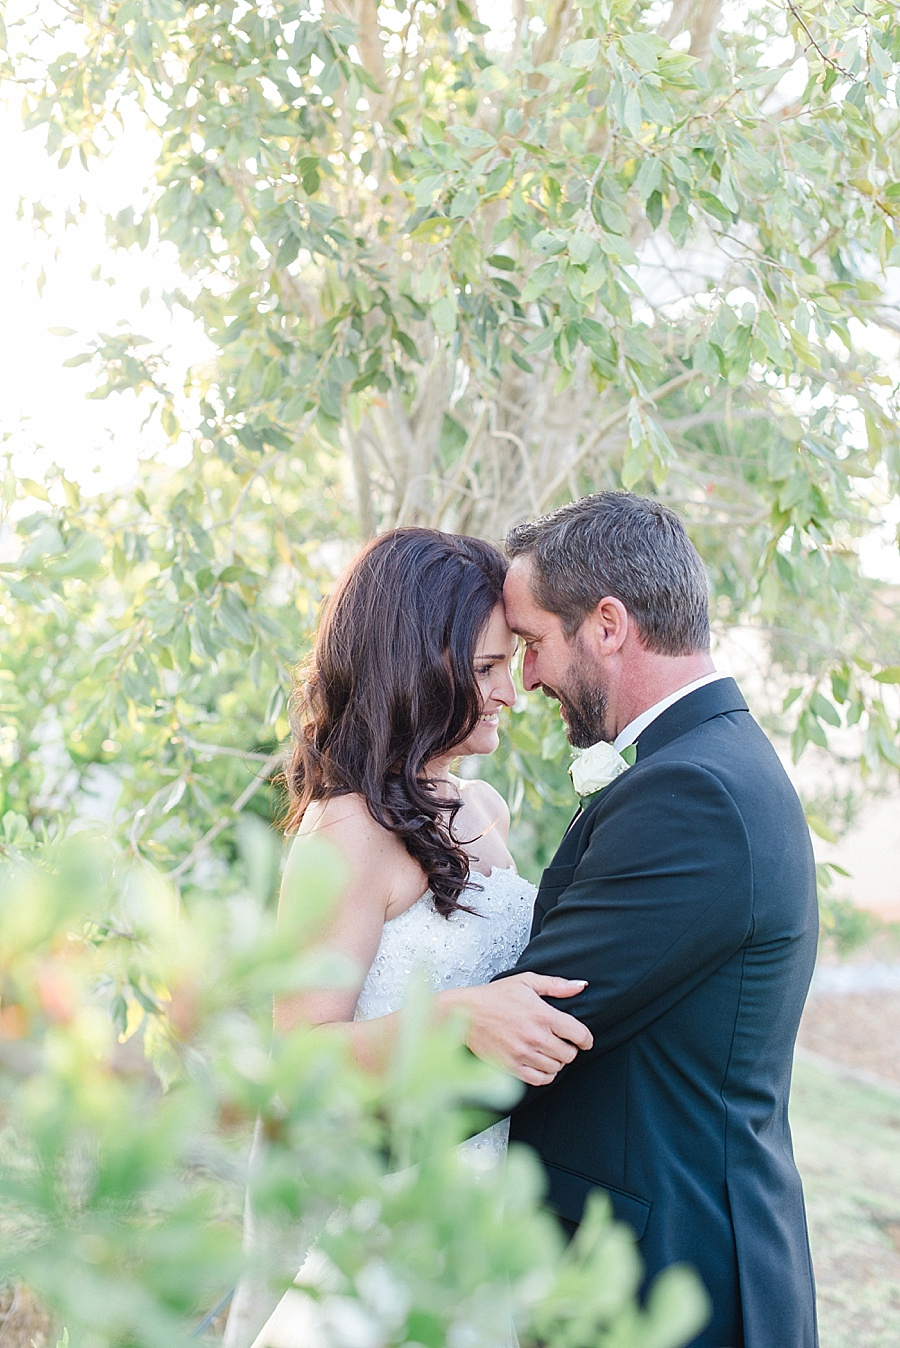 Darren Bester - Cape Town Wedding Photographer - Kronenburg - Cindy and Evan_0026.jpg